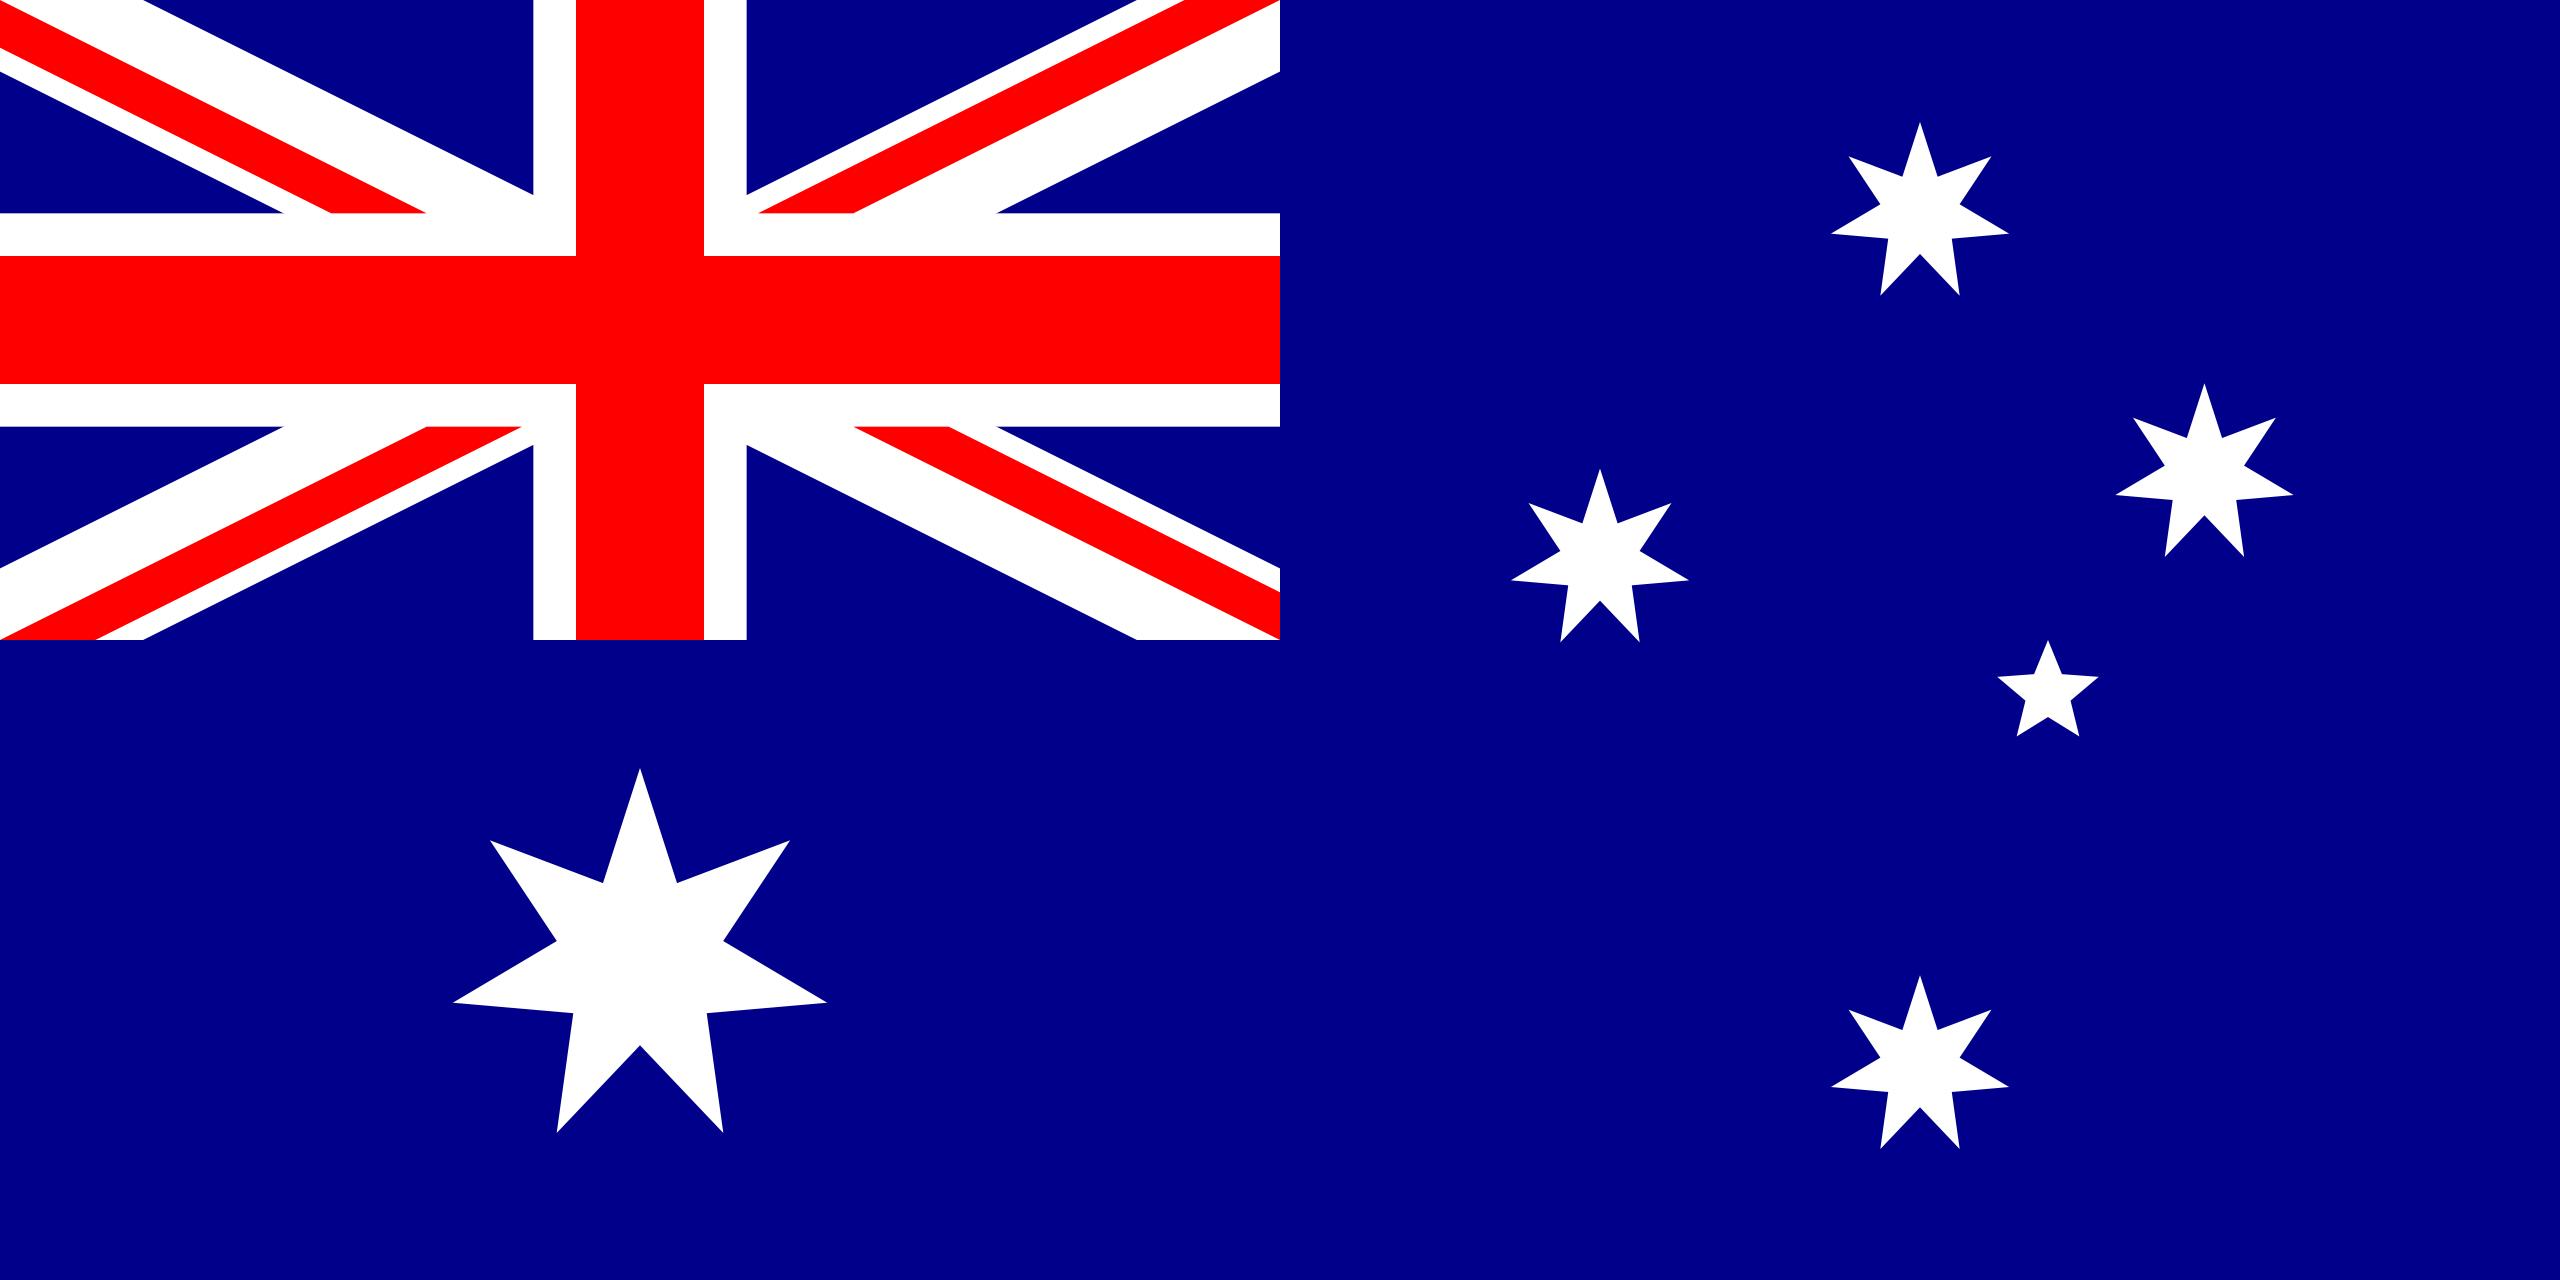 australia, país, emblema, insignia, シンボル - HD の壁紙 - 教授-falken.com